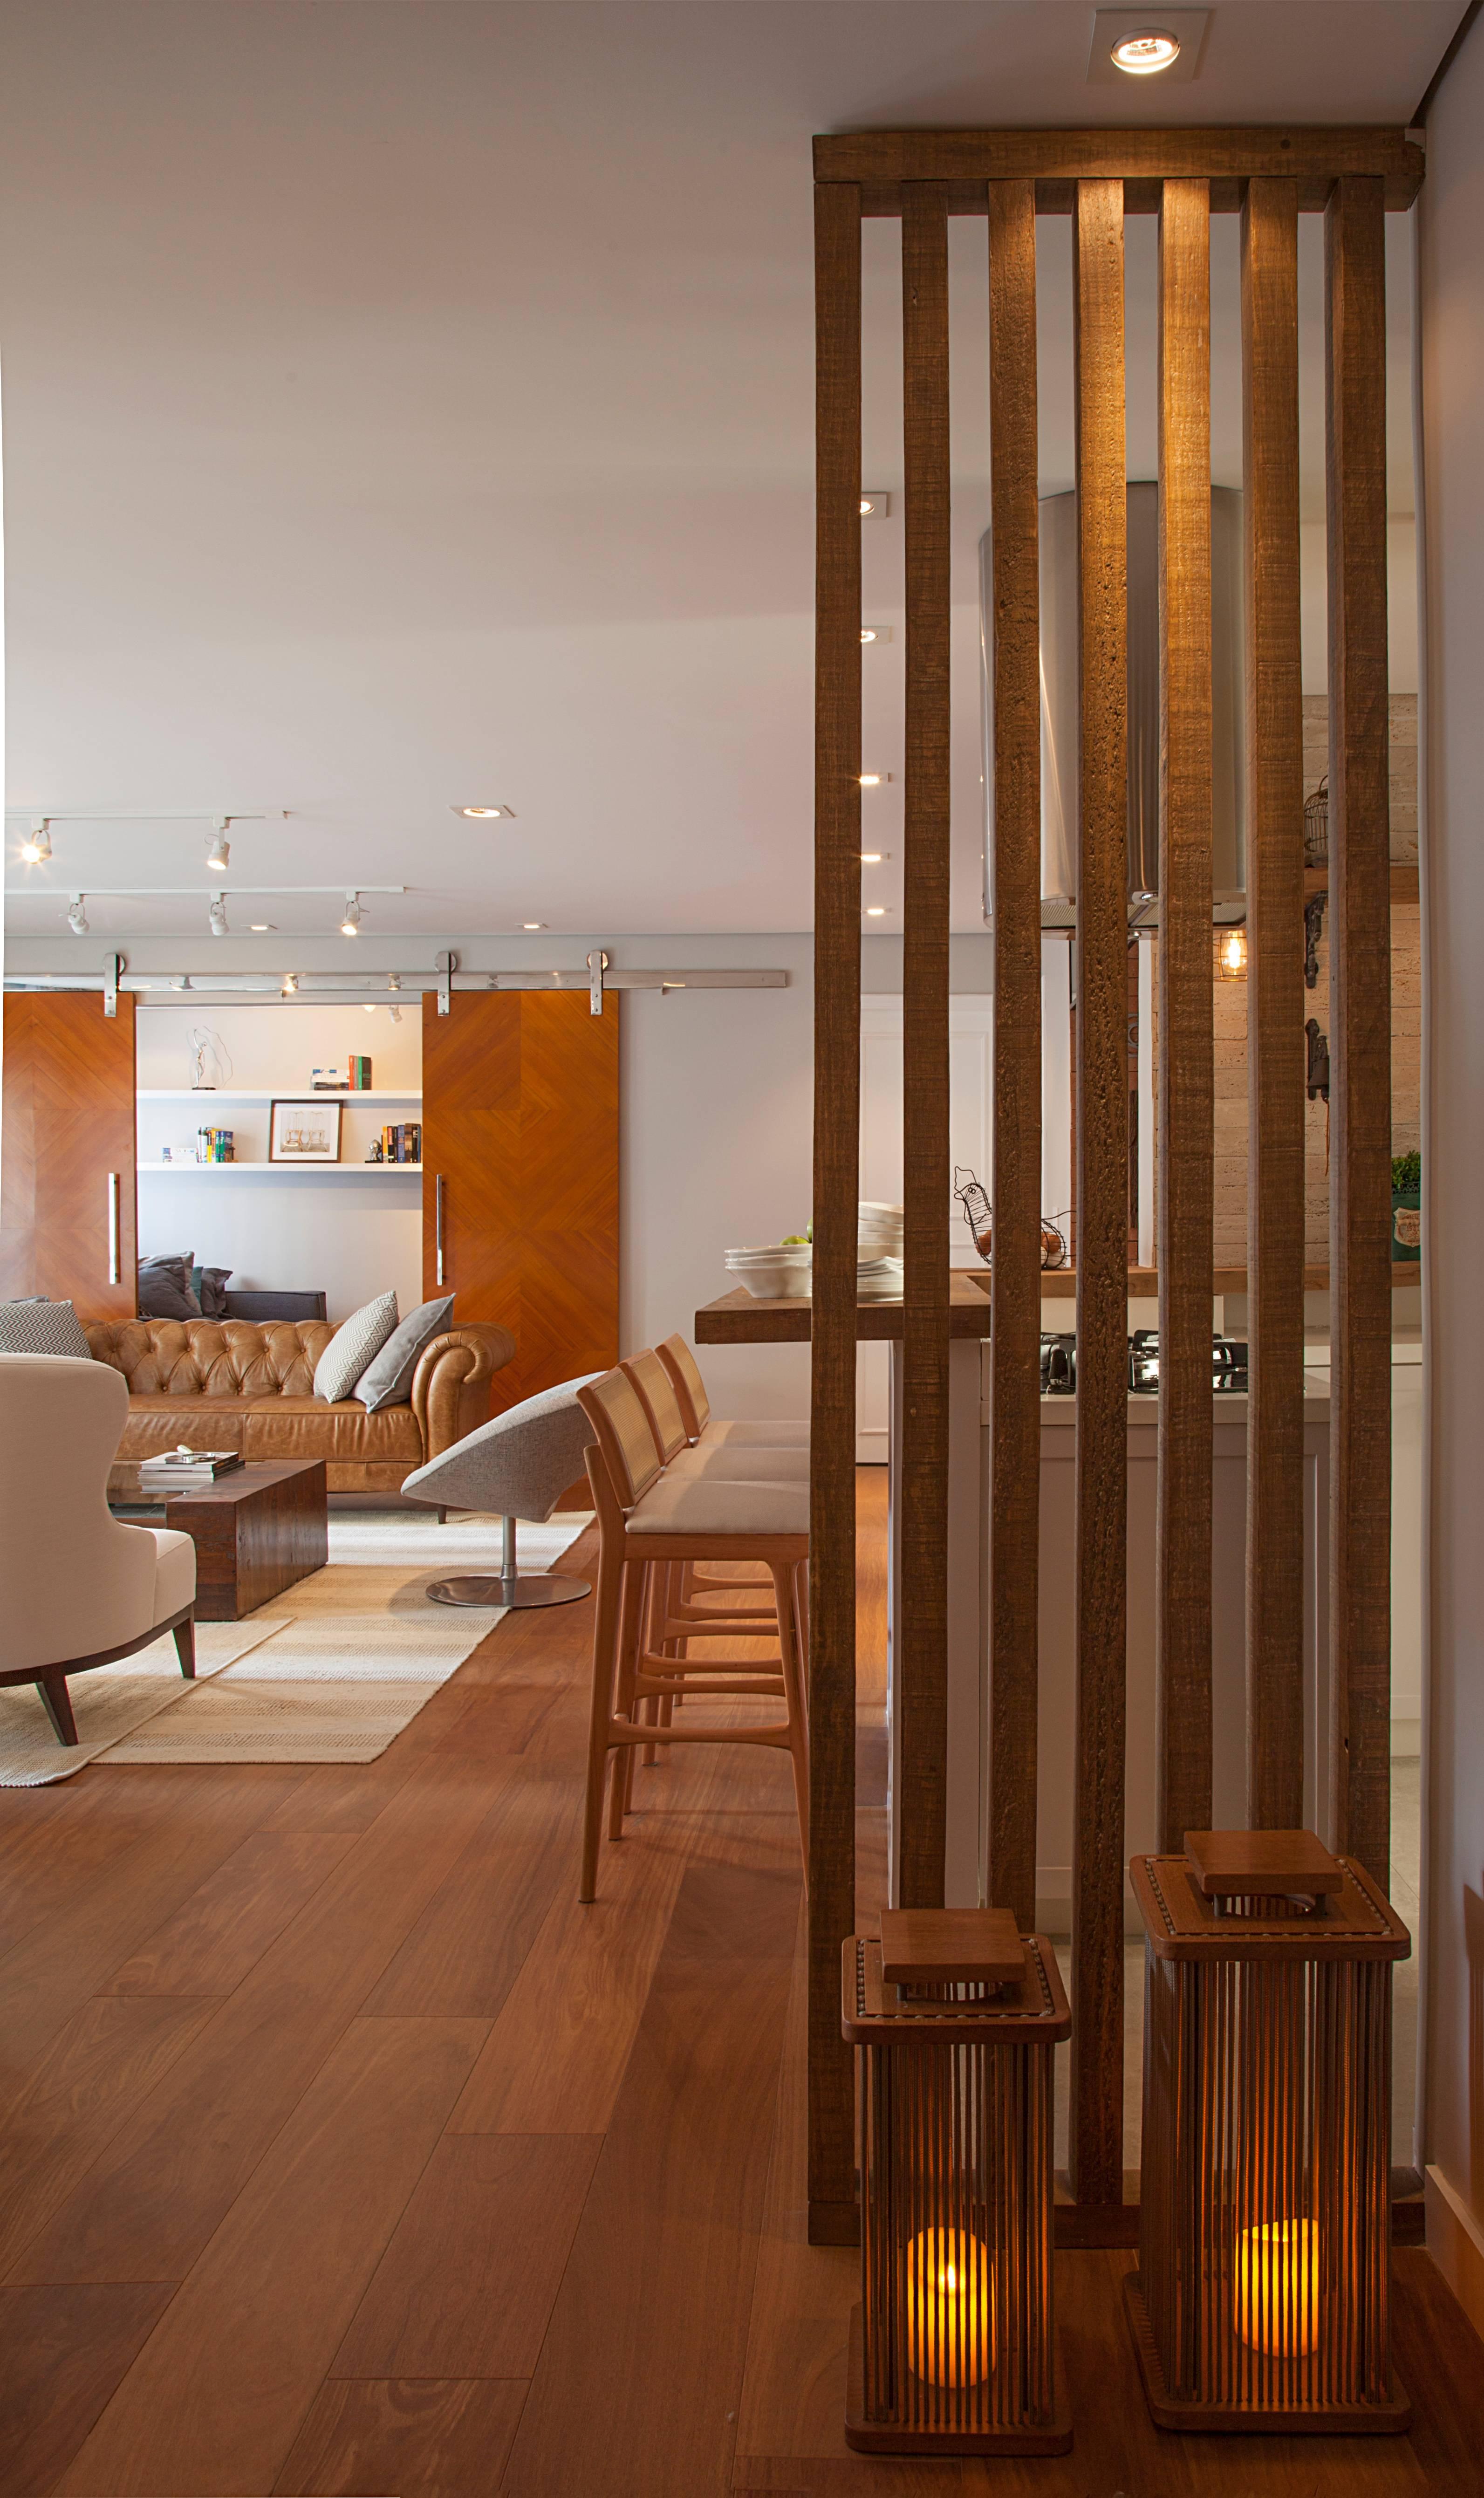 Como no projeto assinado por Bruno Moraes, o assoalho de madeira oferece conforto visual e segurança, mas exige atenção quanto à manutenção